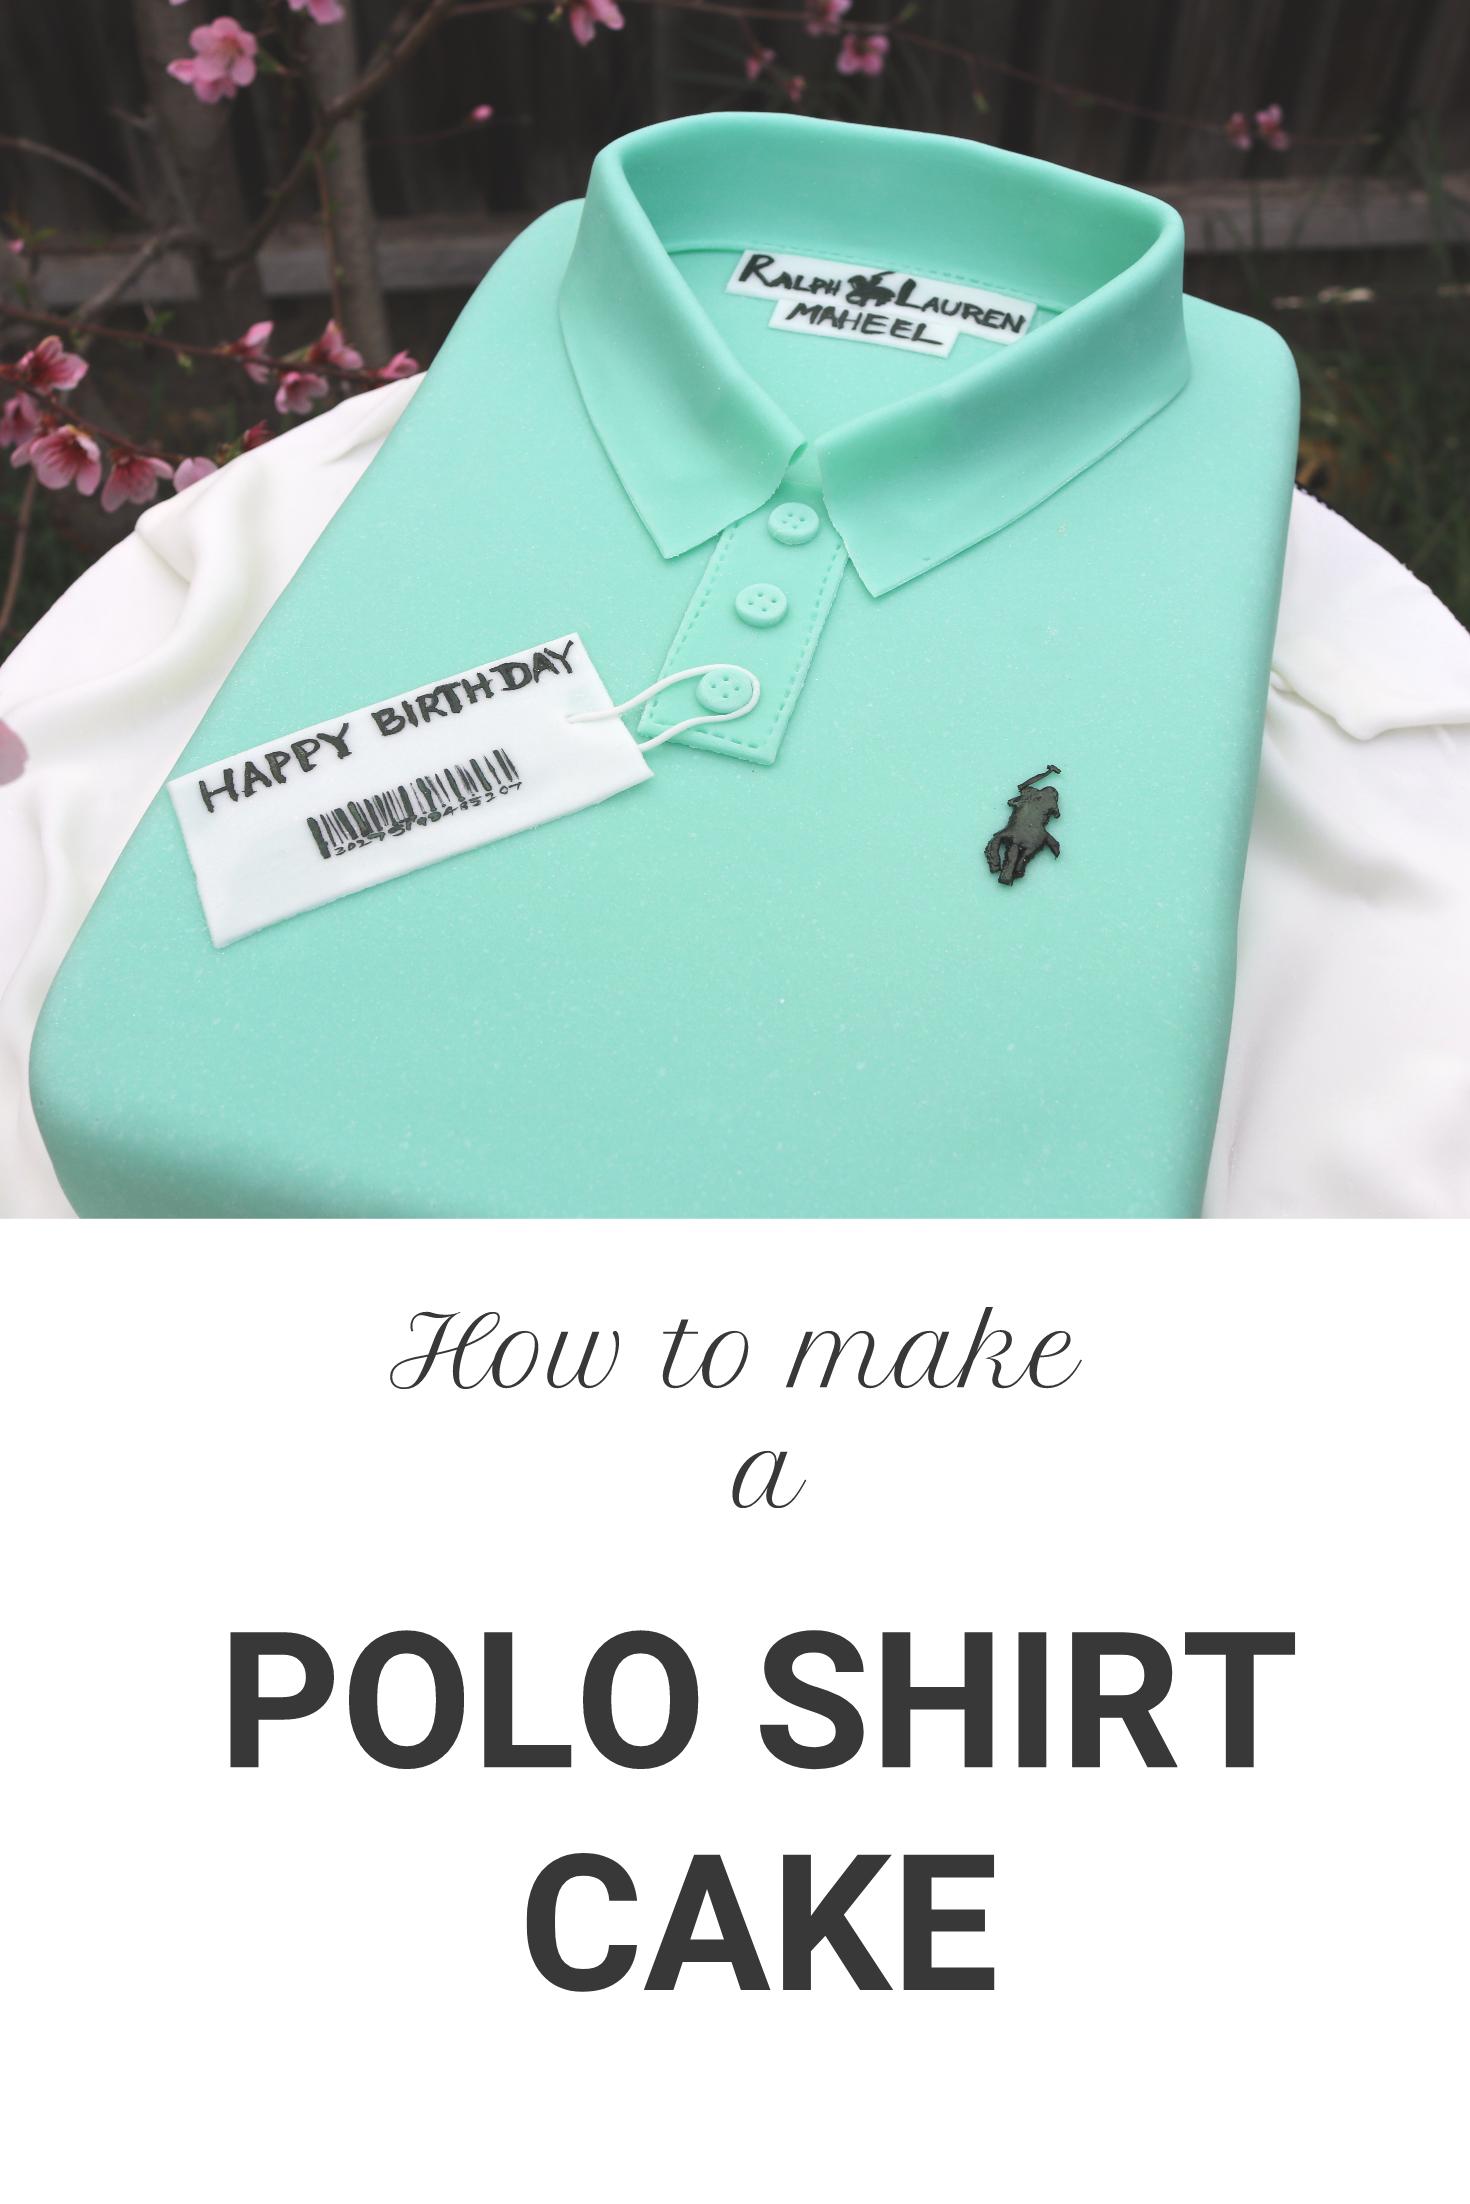 Imgenes De How To Make A Polo T Shirt Cake